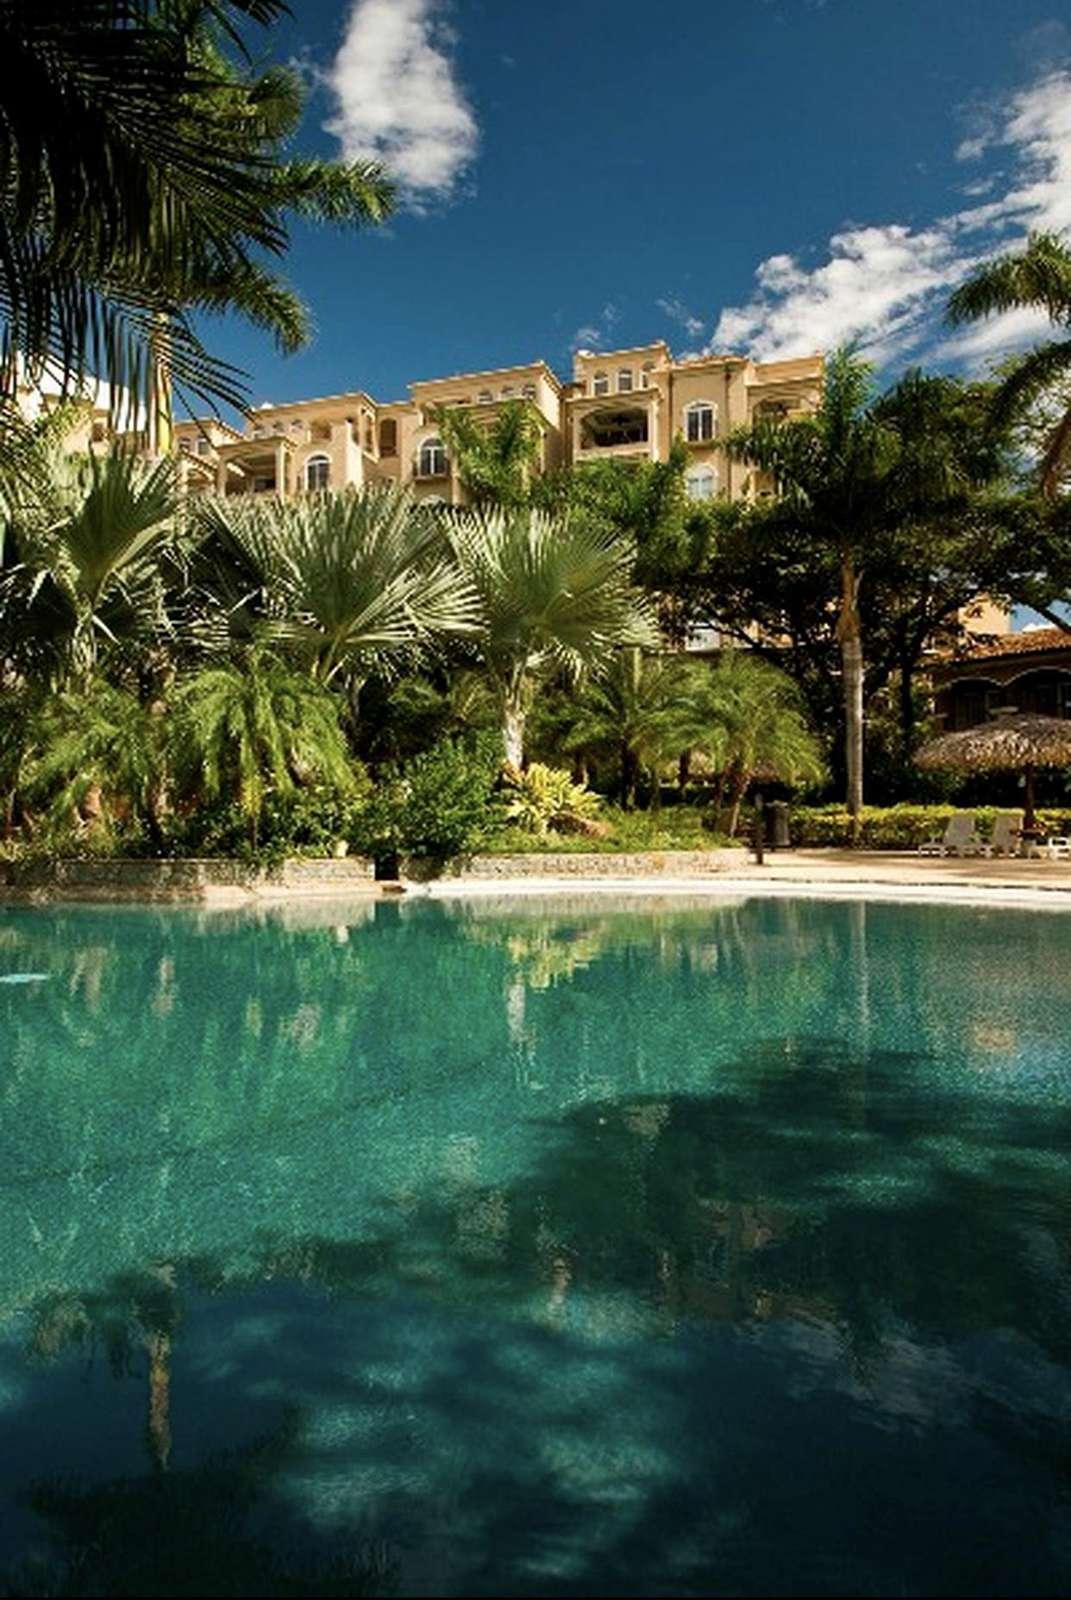 10,000 SF free form pool at the Diria resort